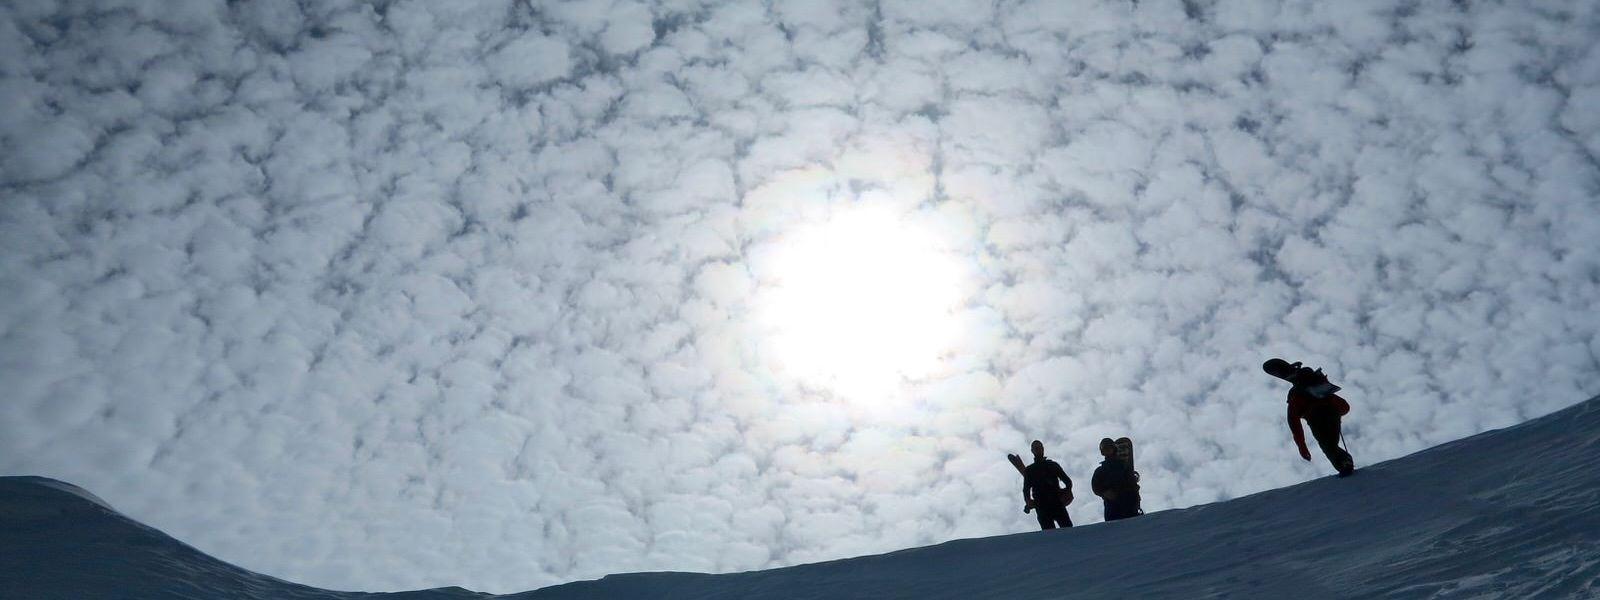 summer snow escape tour